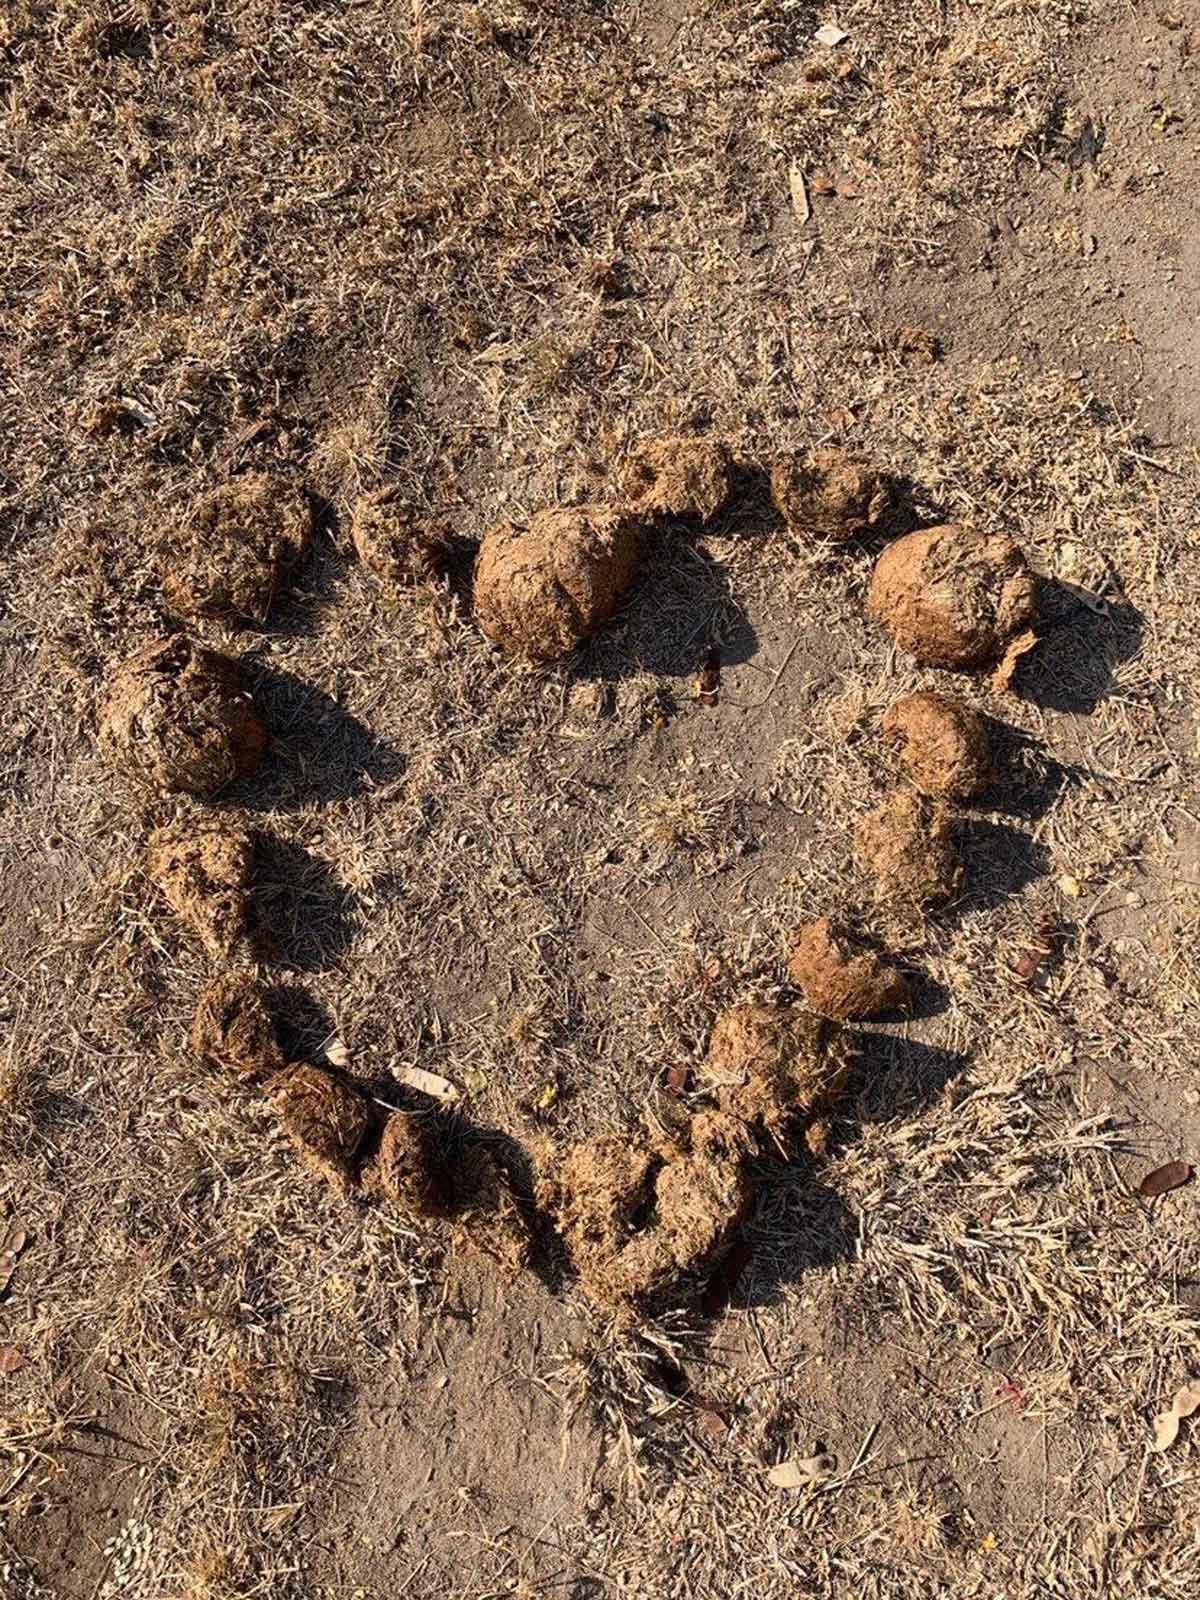 Heart Circle of Dung